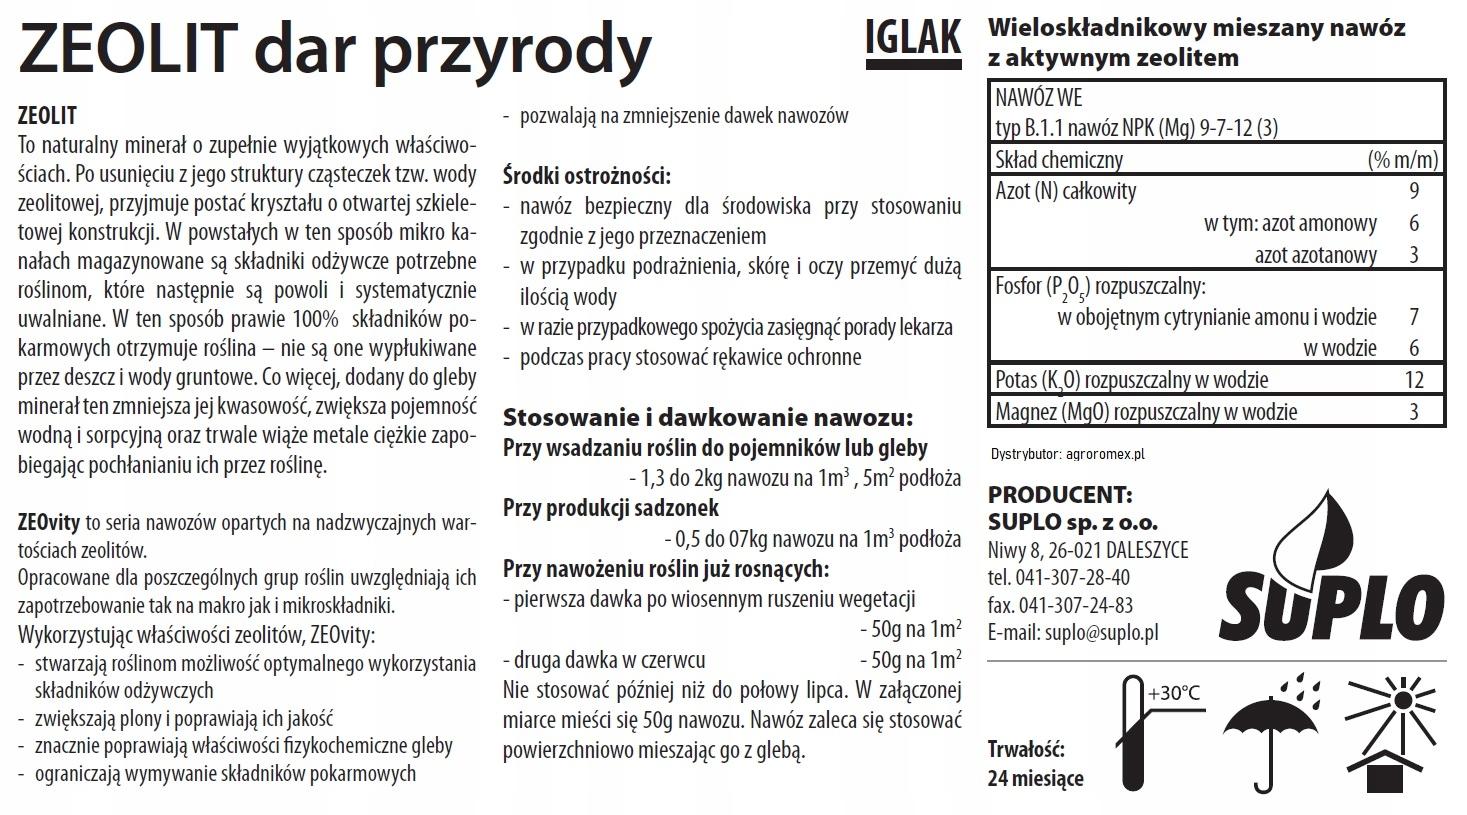 ZEOVIT Polski nawóz do iglaków 3kg SUPER JAKOŚĆ Producent suplo